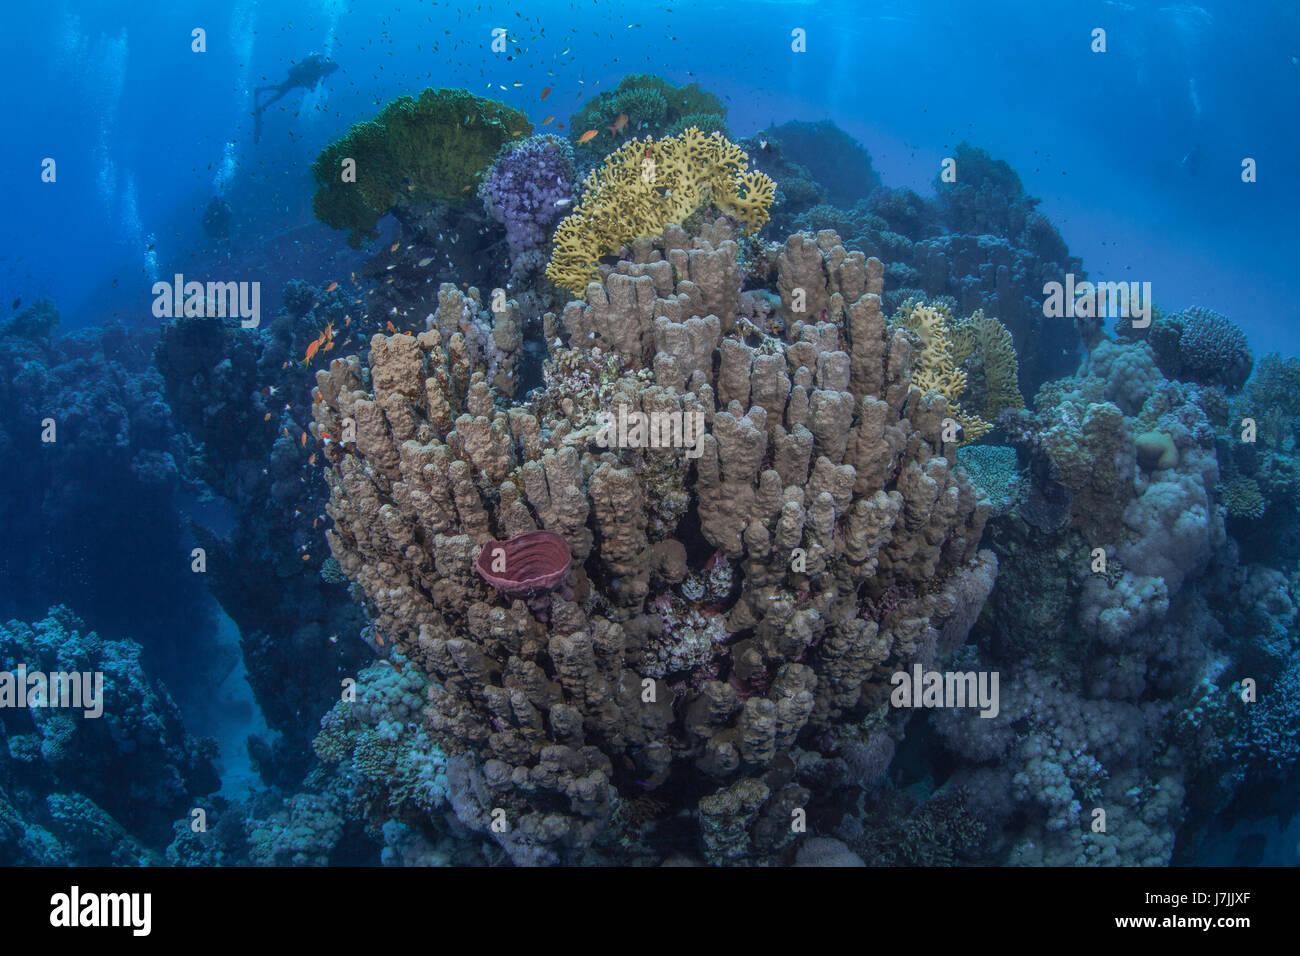 Los buceadores montañosa explorar los magníficos arrecifes de coral en el Mar Rojo. Foto de stock